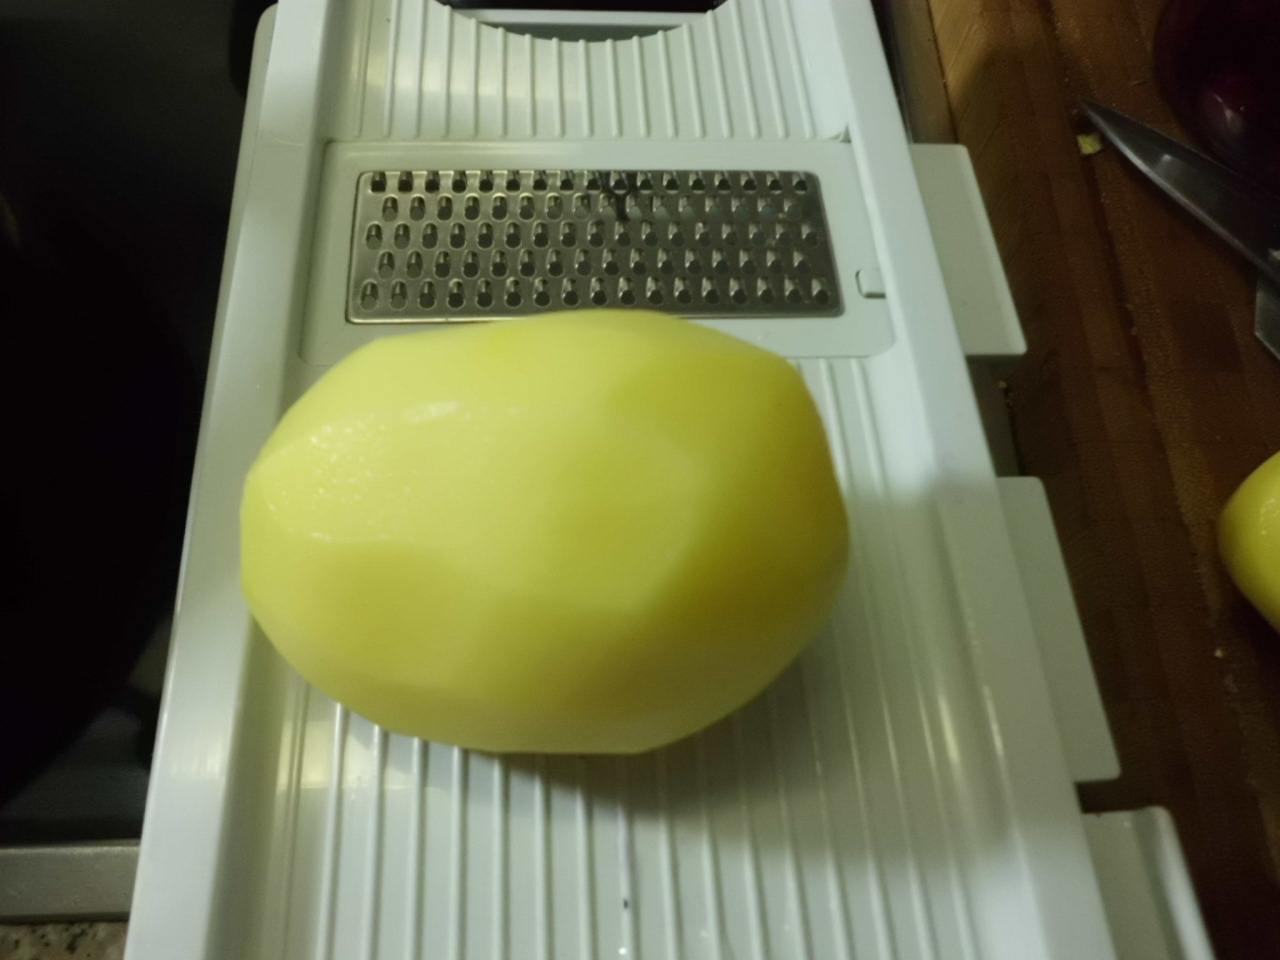 zum Andicken Kartoffel reiben